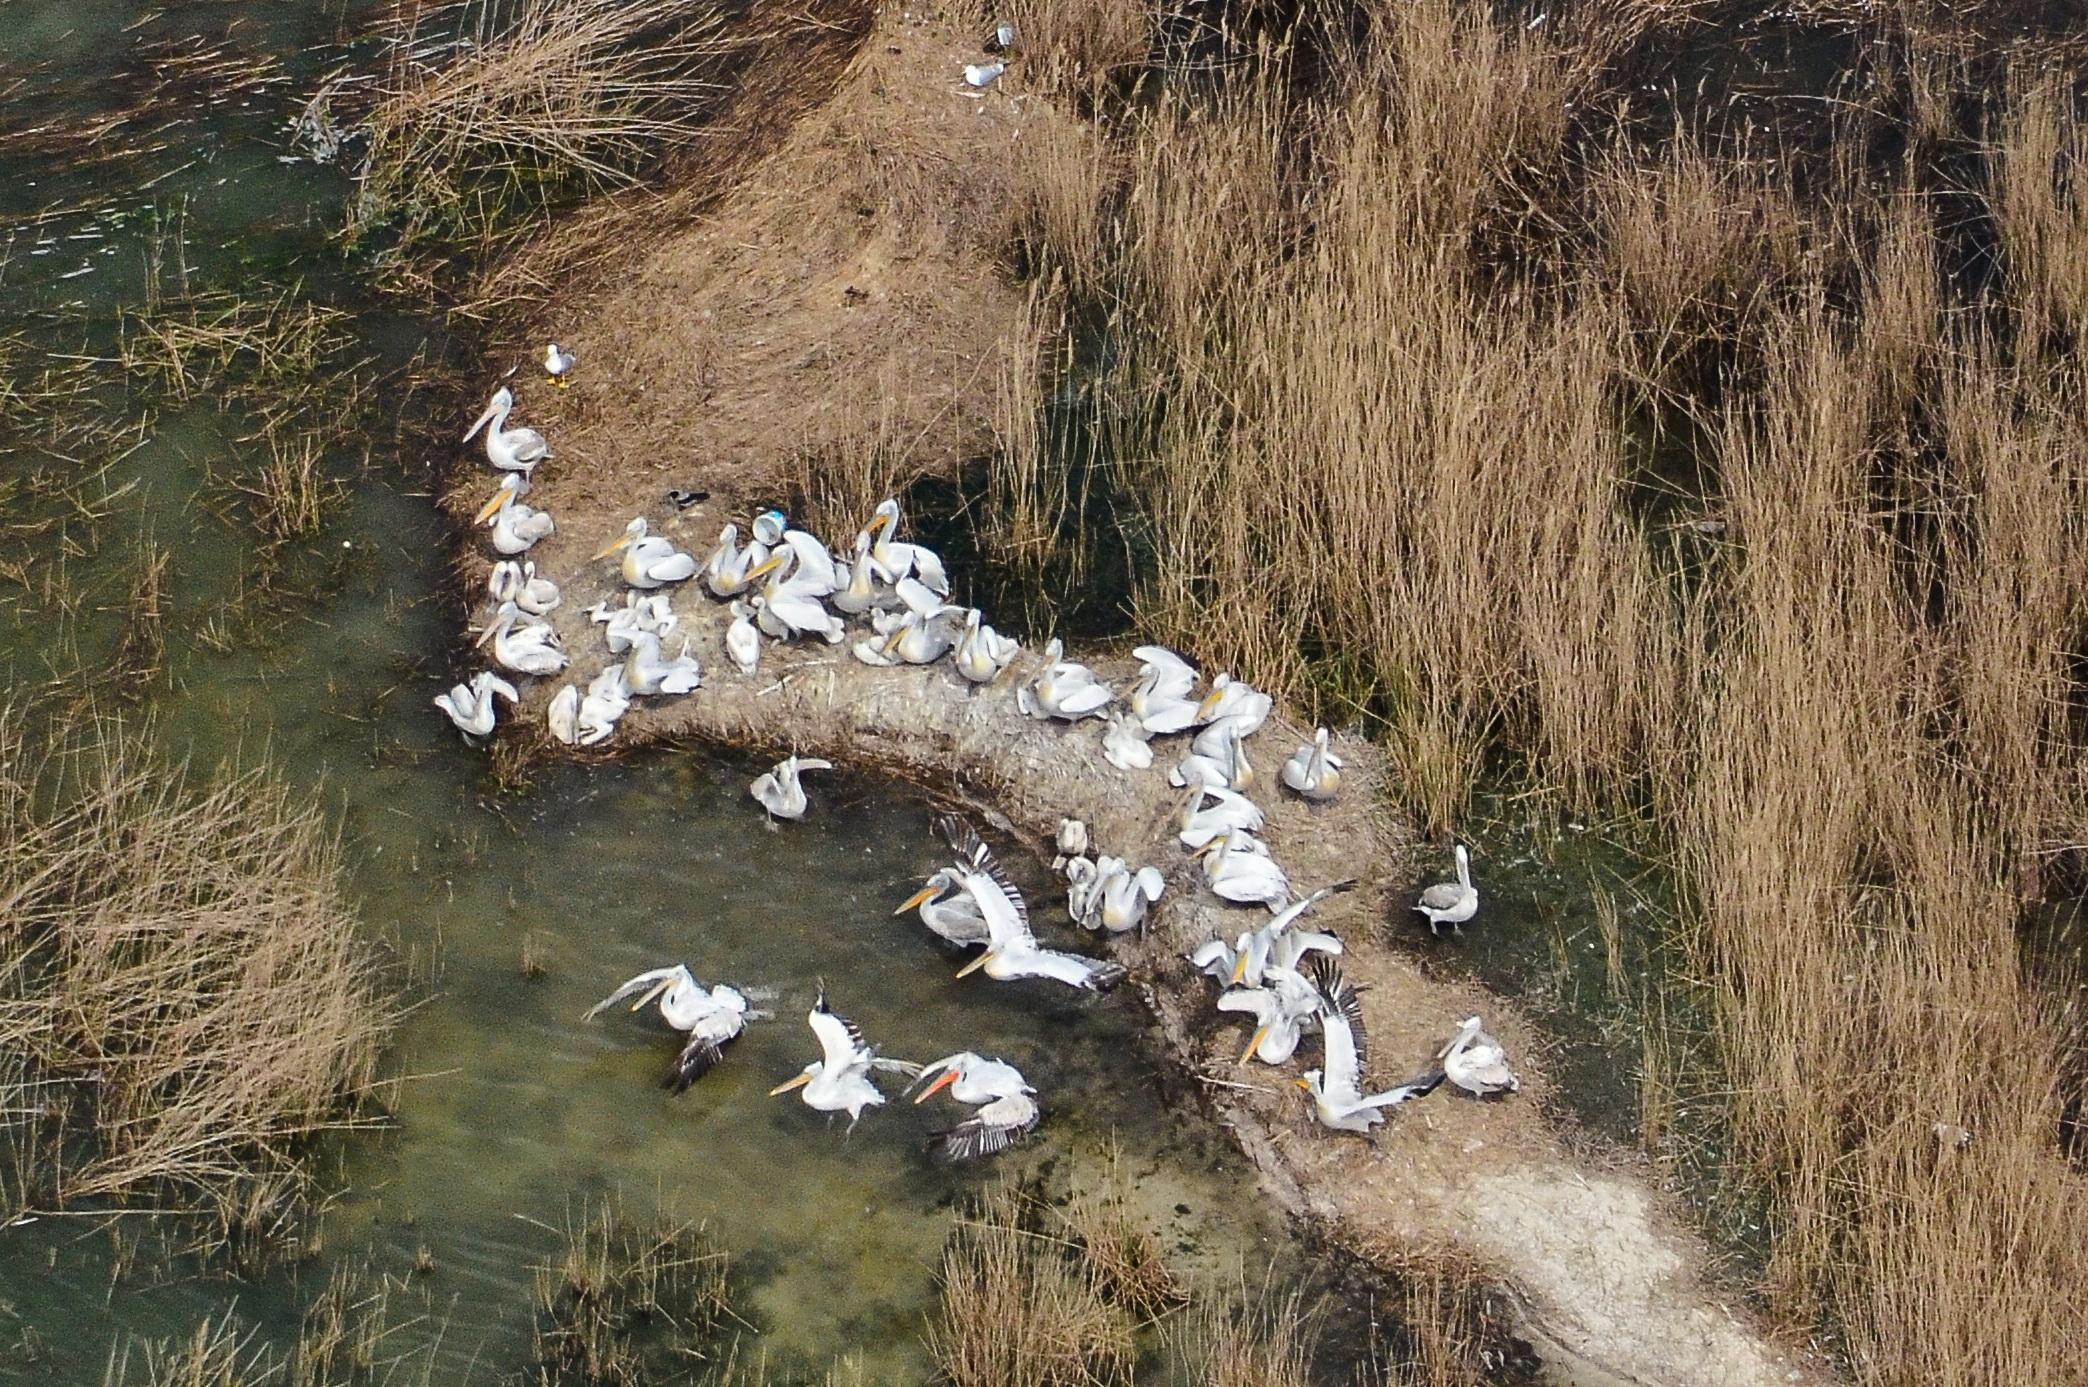 Gripa aviara a macelarit specia pelicanului cret, cea mai mare pasare care cuibareste in Romania. 108 exemplare au murit